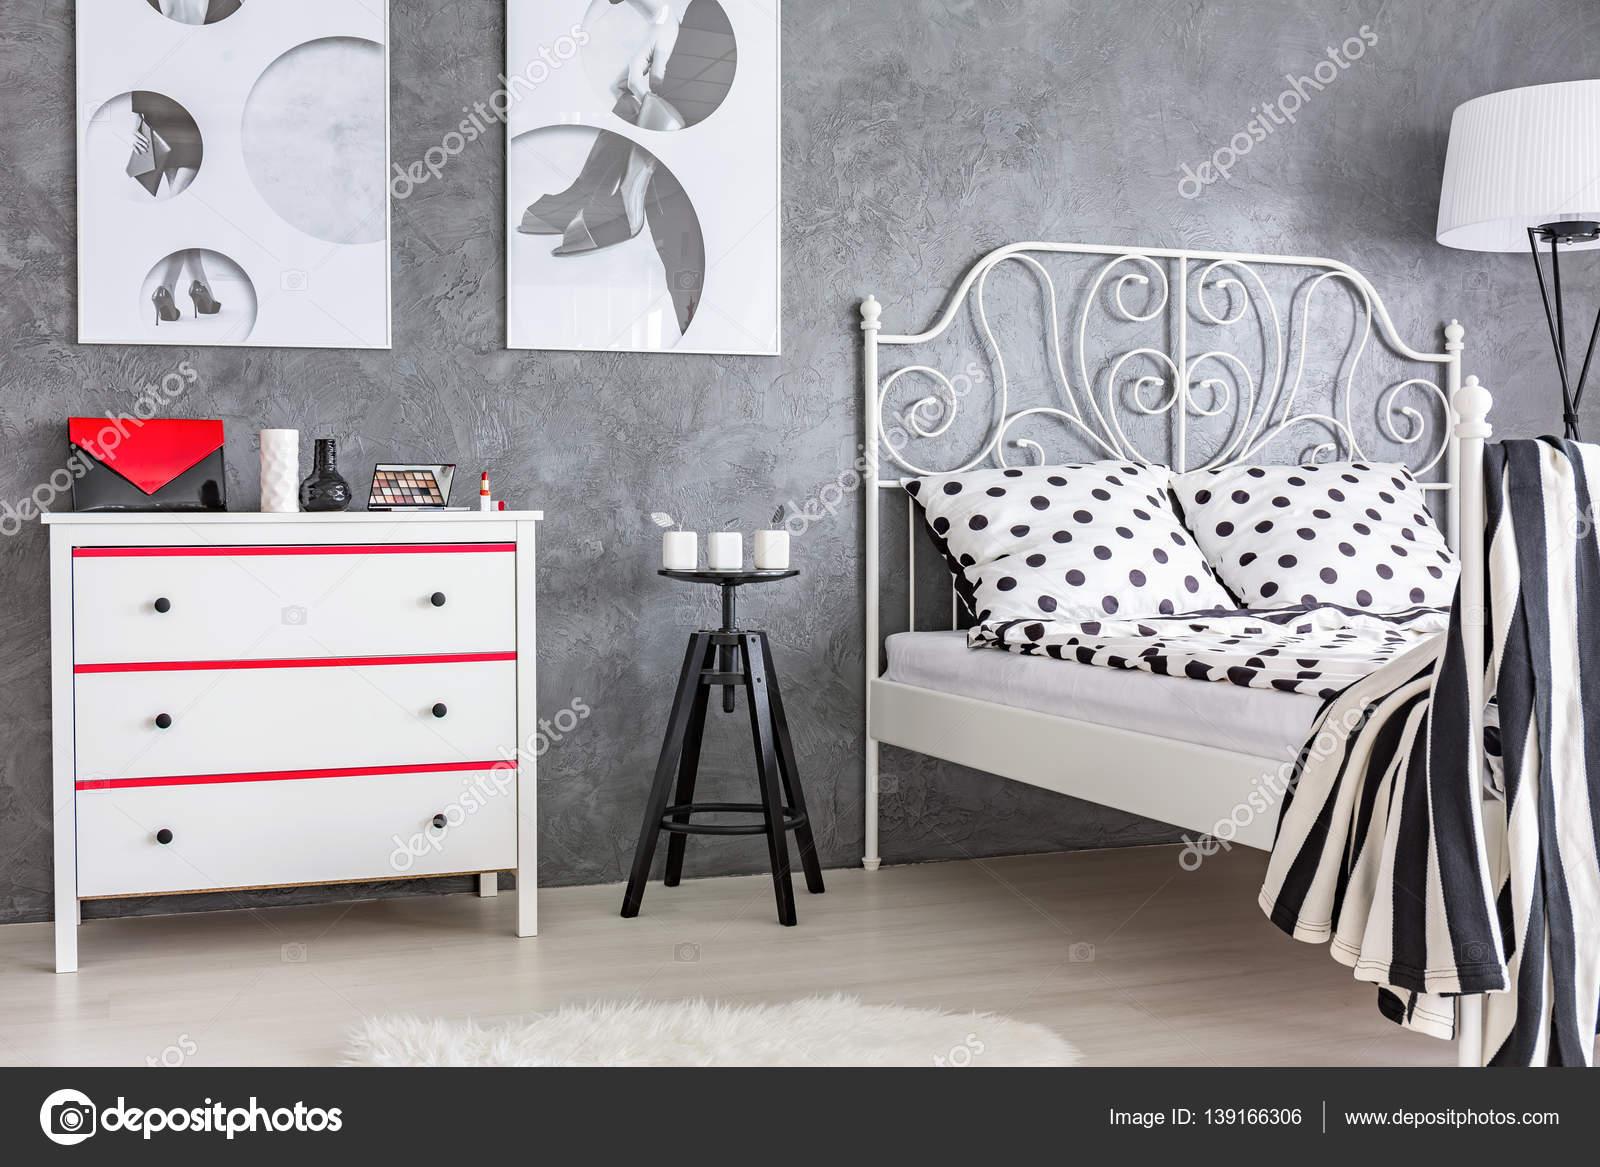 Slaapkamer Rood Grijs : Grijs rood en wit slaapkamer u stockfoto photographee eu